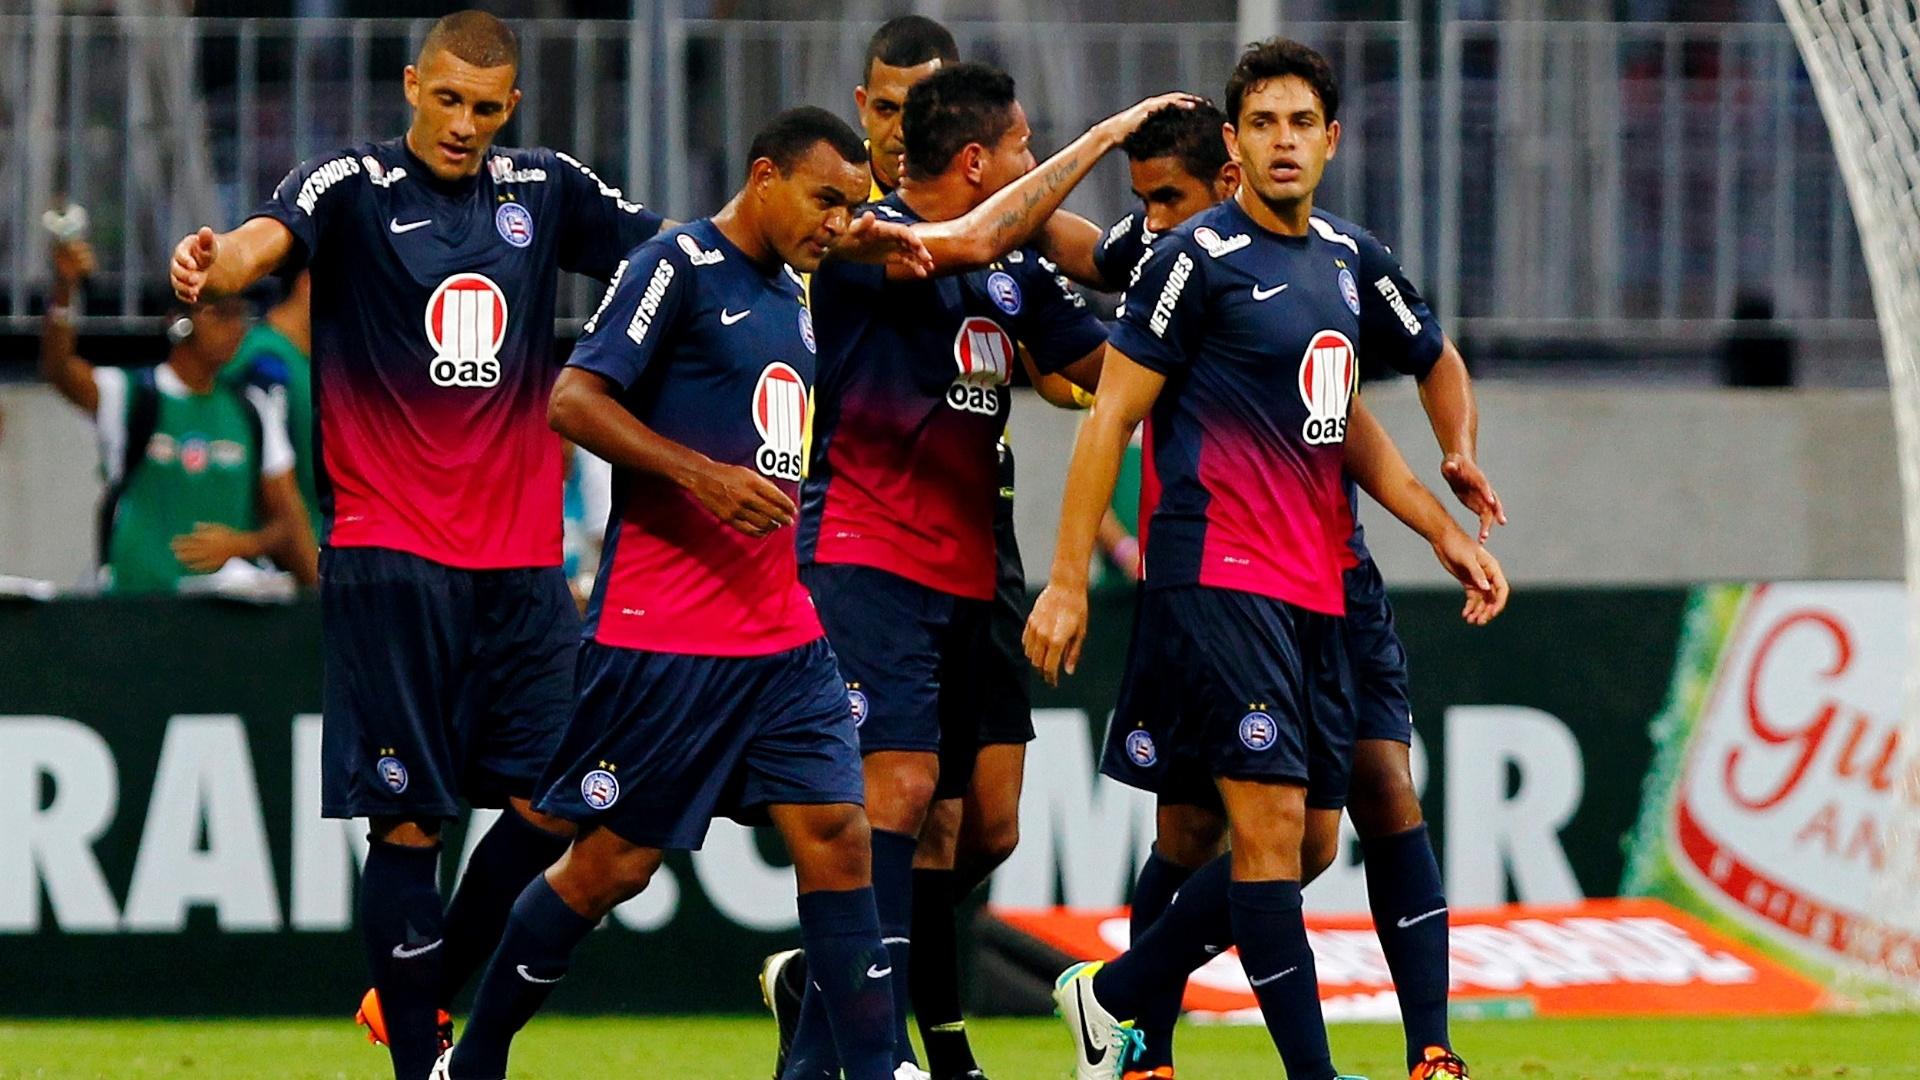 25.08.13 - Fernandão comemora gol do Bahia contra o Náutico pelo Campeonato Brasileiro